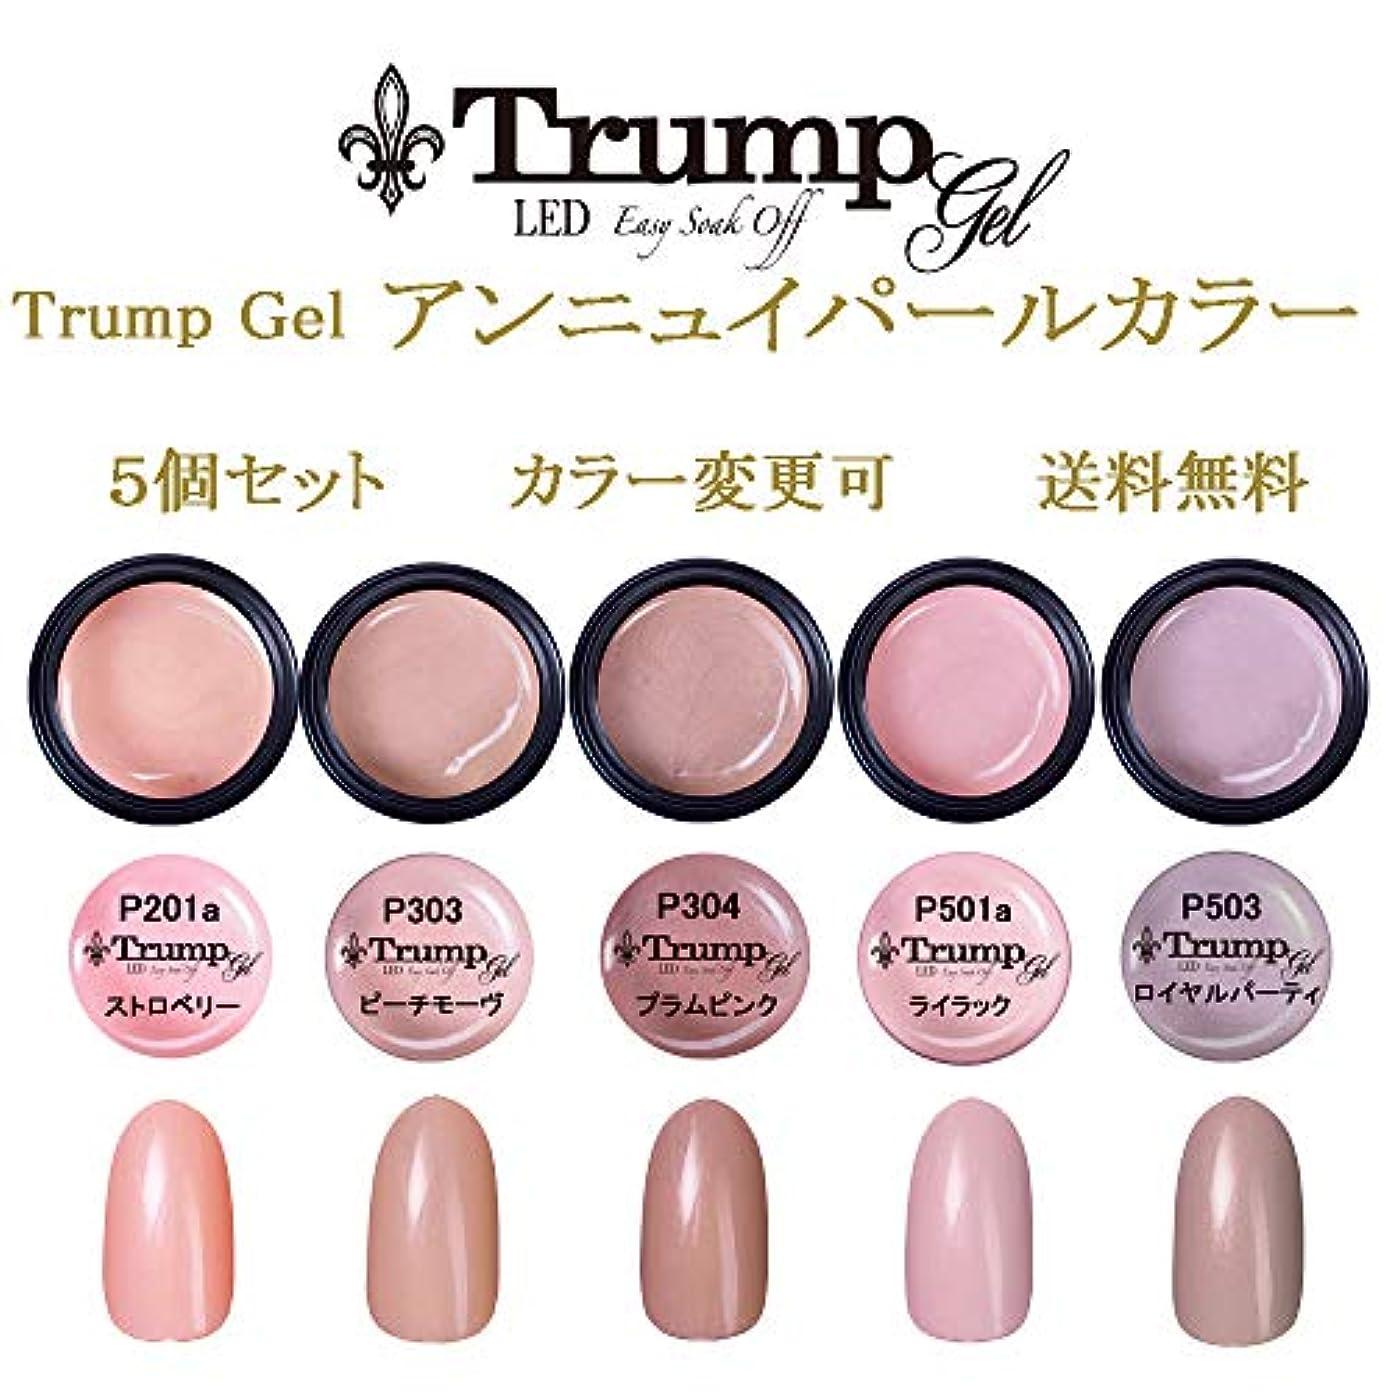 英語の授業がありますバーマド表面日本製 Trump gel トランプジェル アンニュイ パール 選べる カラージェル 5個セット ピンク ベージュ パープル